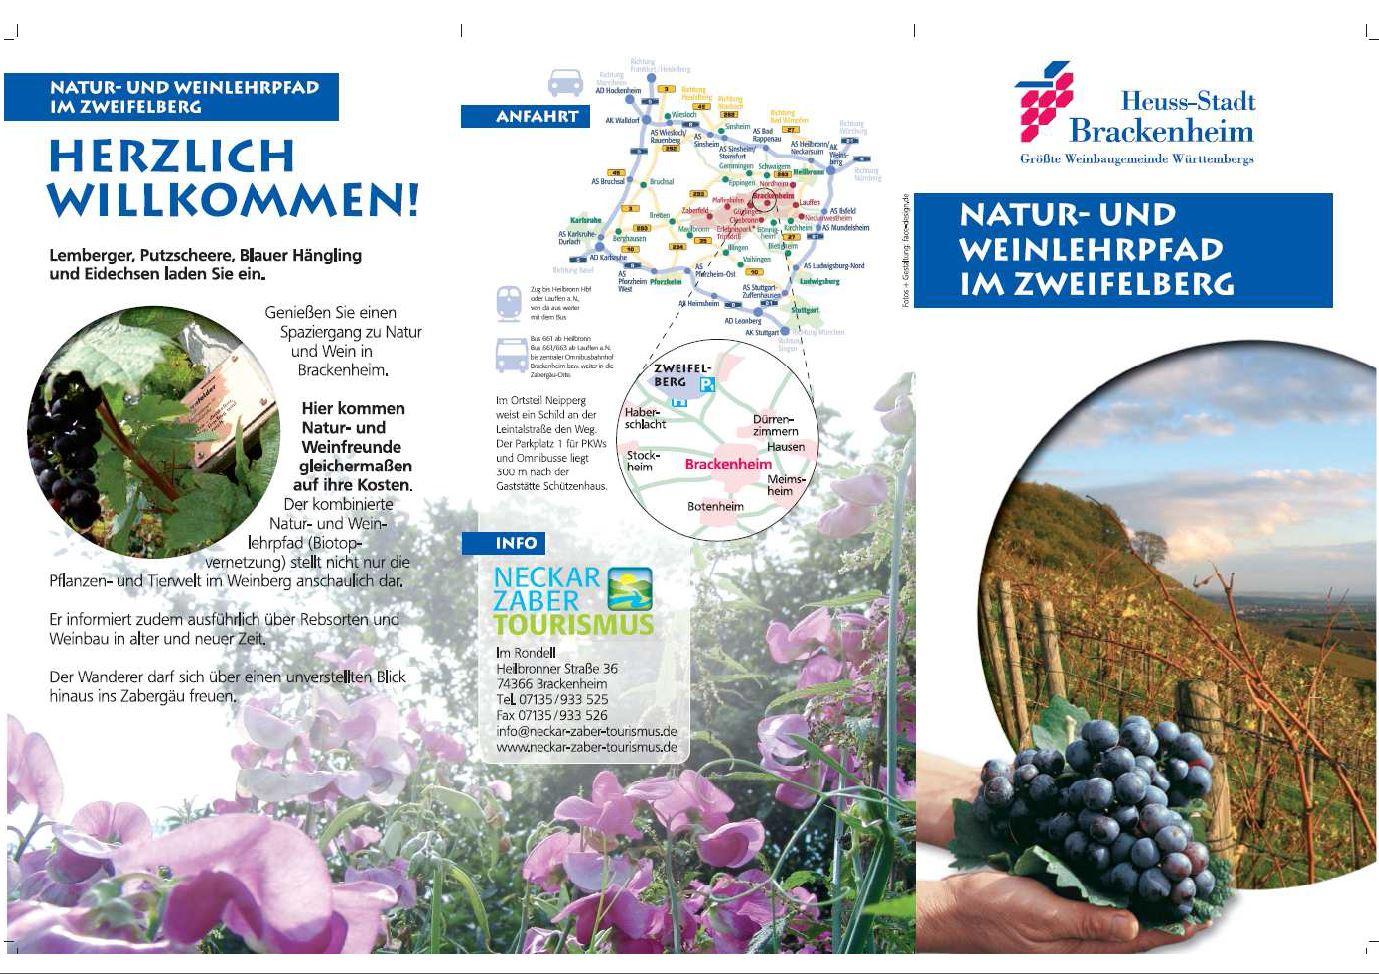 Flyer - Natur- und Weinlehrpfad